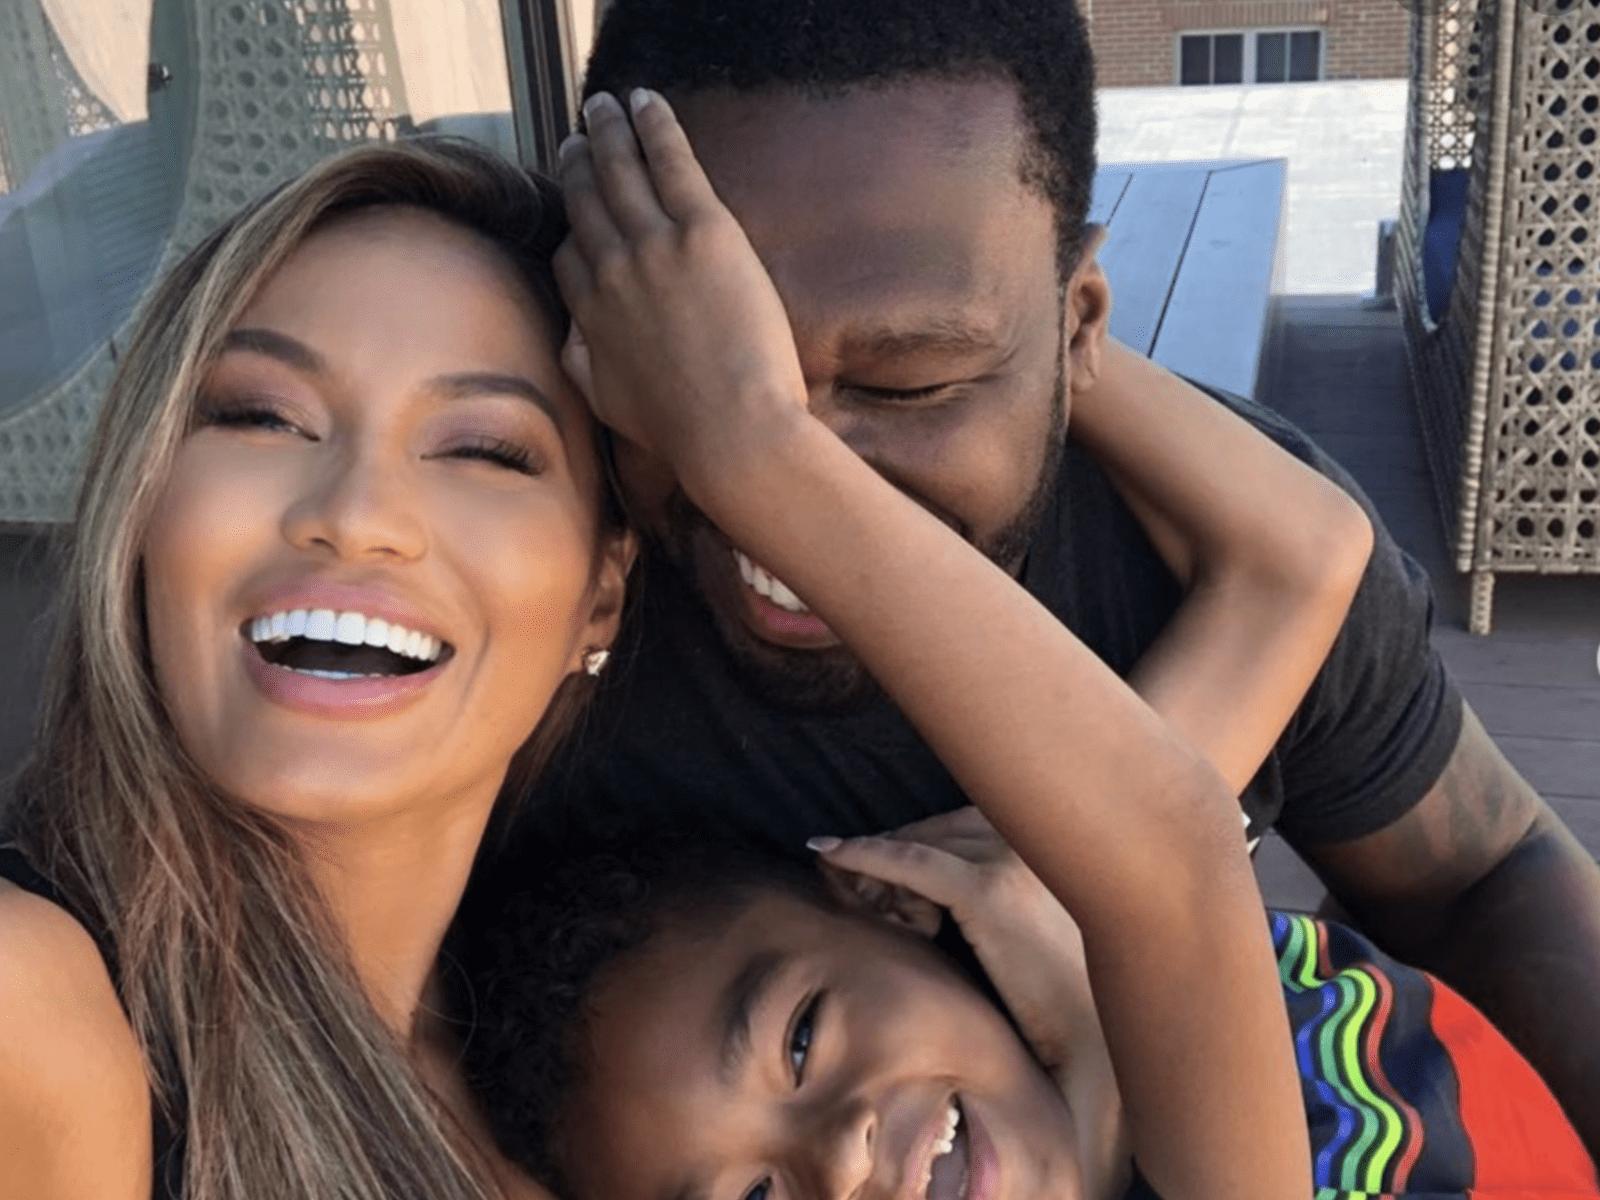 Daphne Joy 50 Cent Sire Jackson Selfie Pic